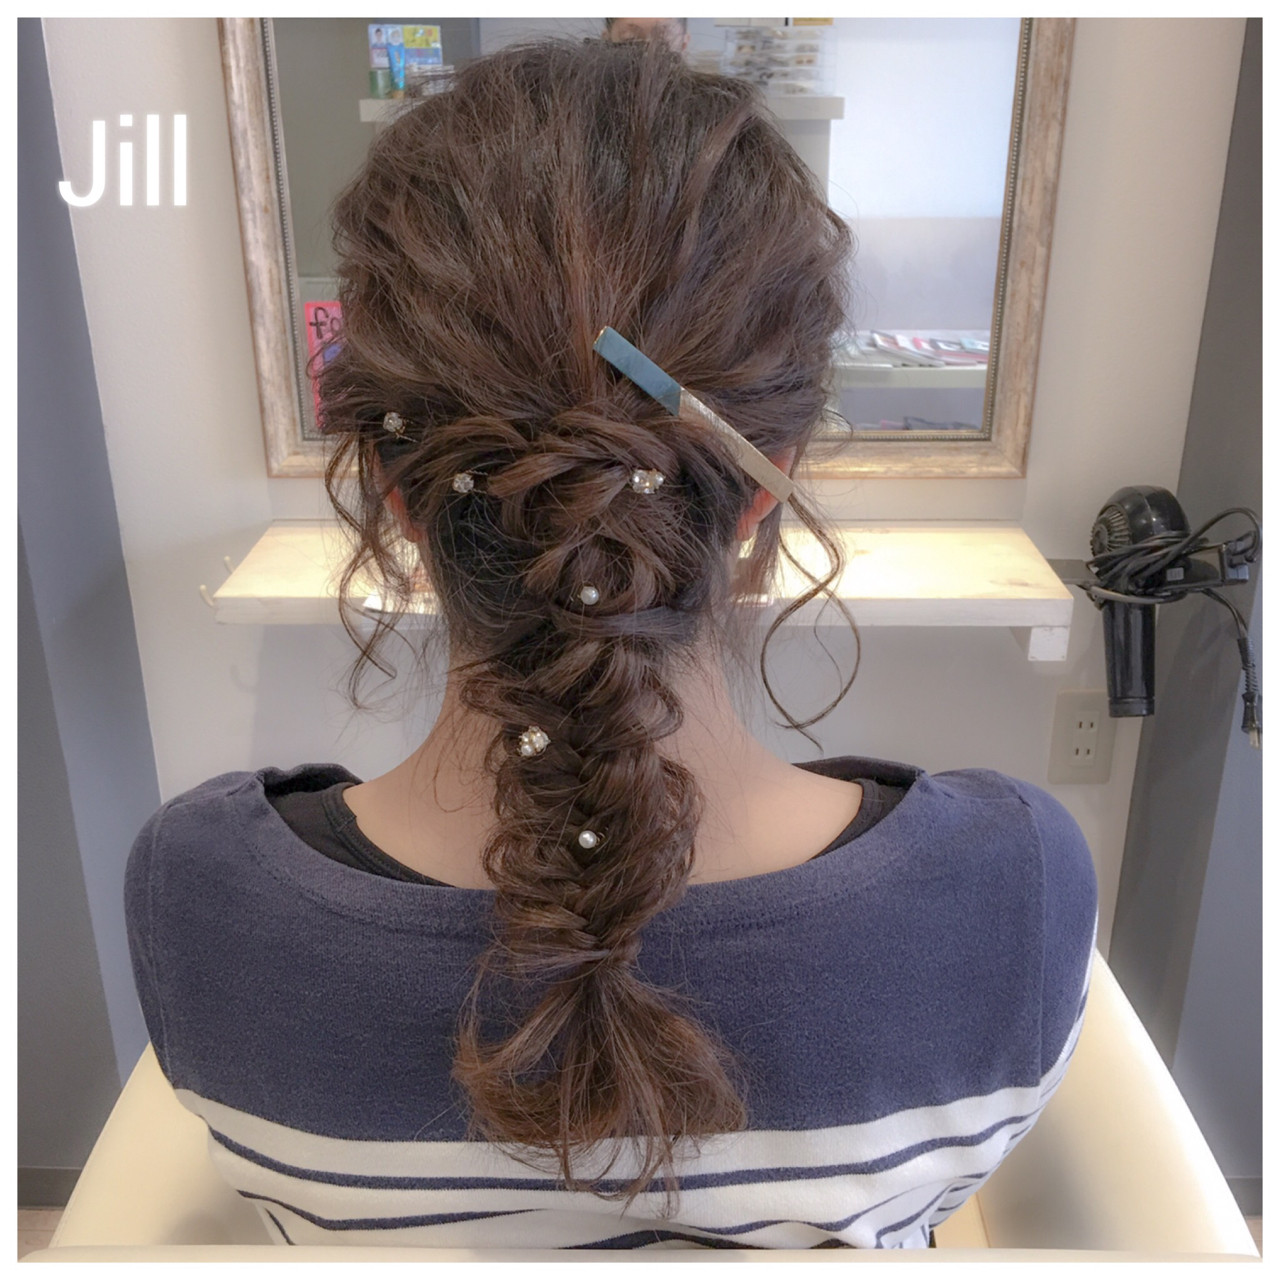 簡単ヘアアレンジ ヘアアレンジ フェミニン フィッシュボーン ヘアスタイルや髪型の写真・画像 | 花房 佑典 / Jill / Hair Design Jill